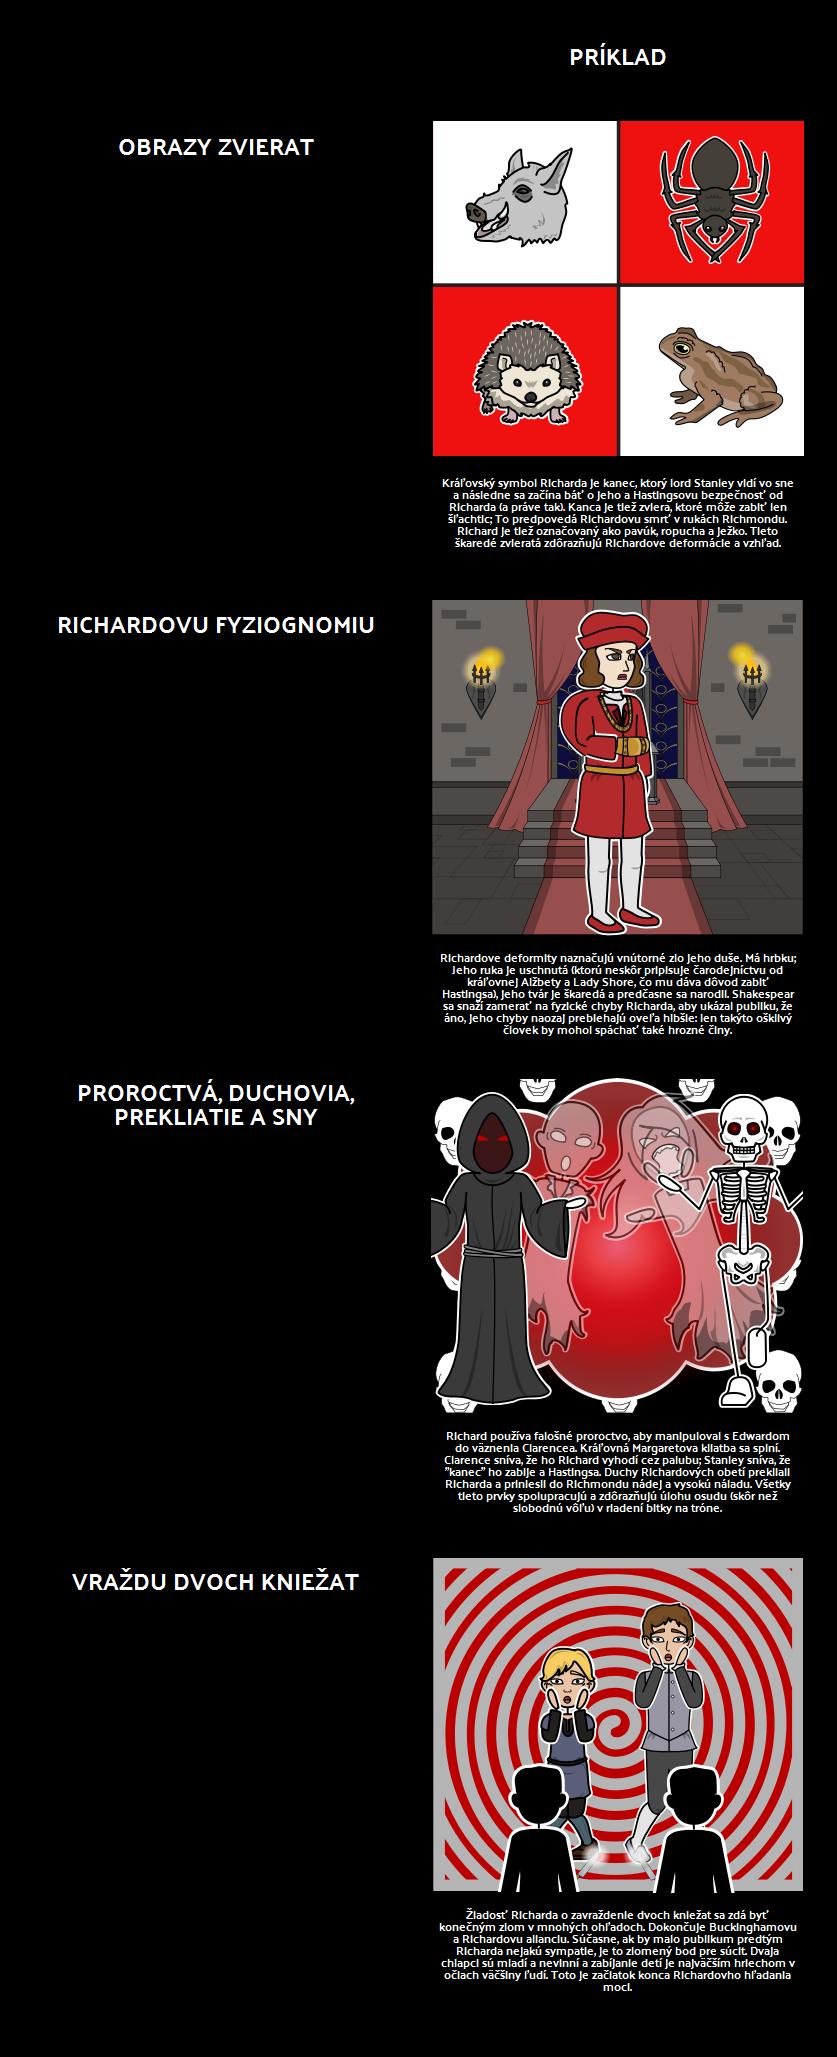 Témy, Motívy a Symboly v Tragédii Richarda III